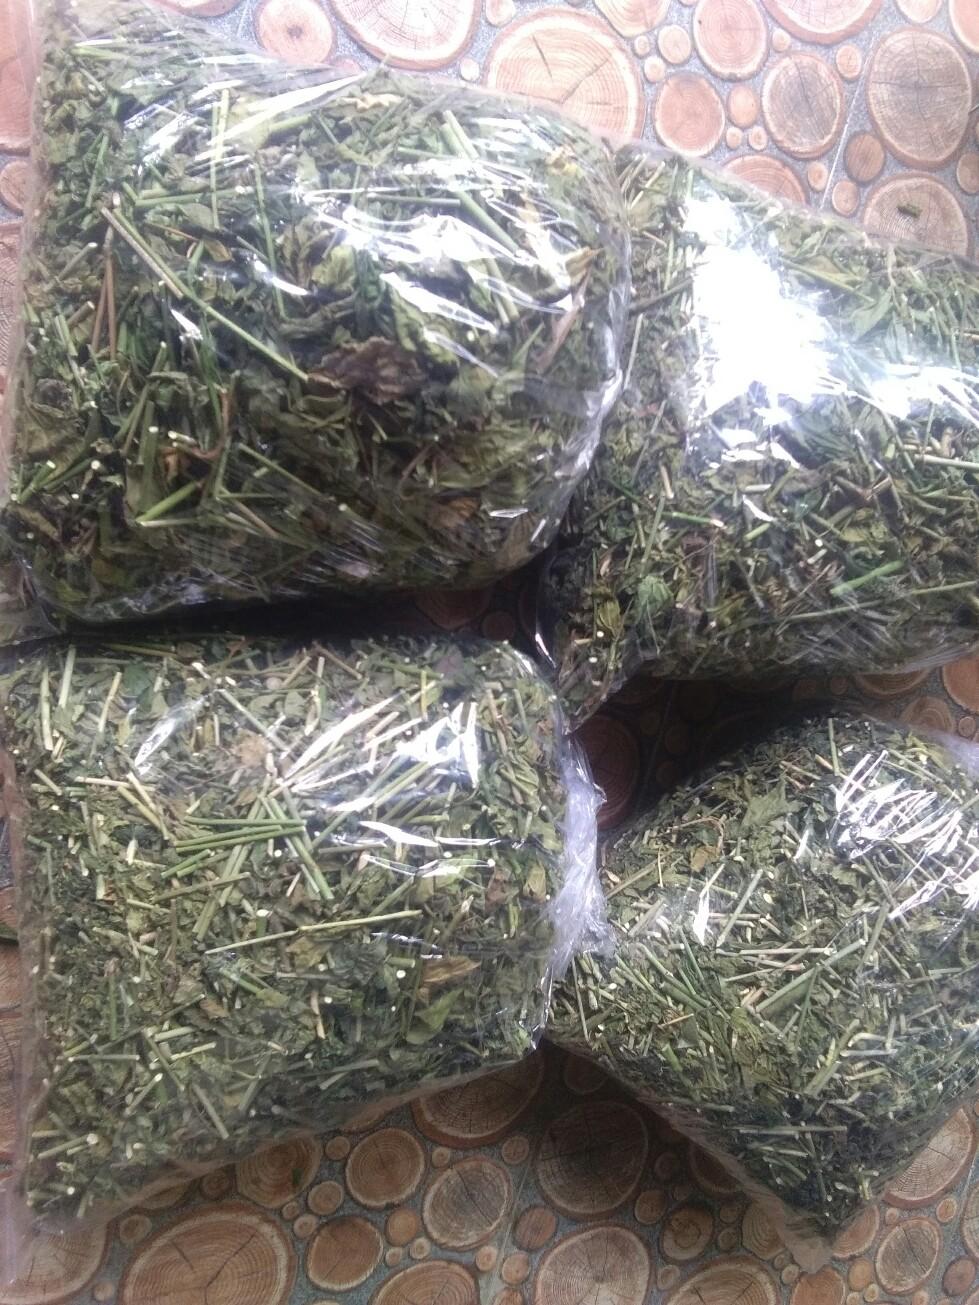 Jual daun dandang gendis kering atau daun dandang gula kering